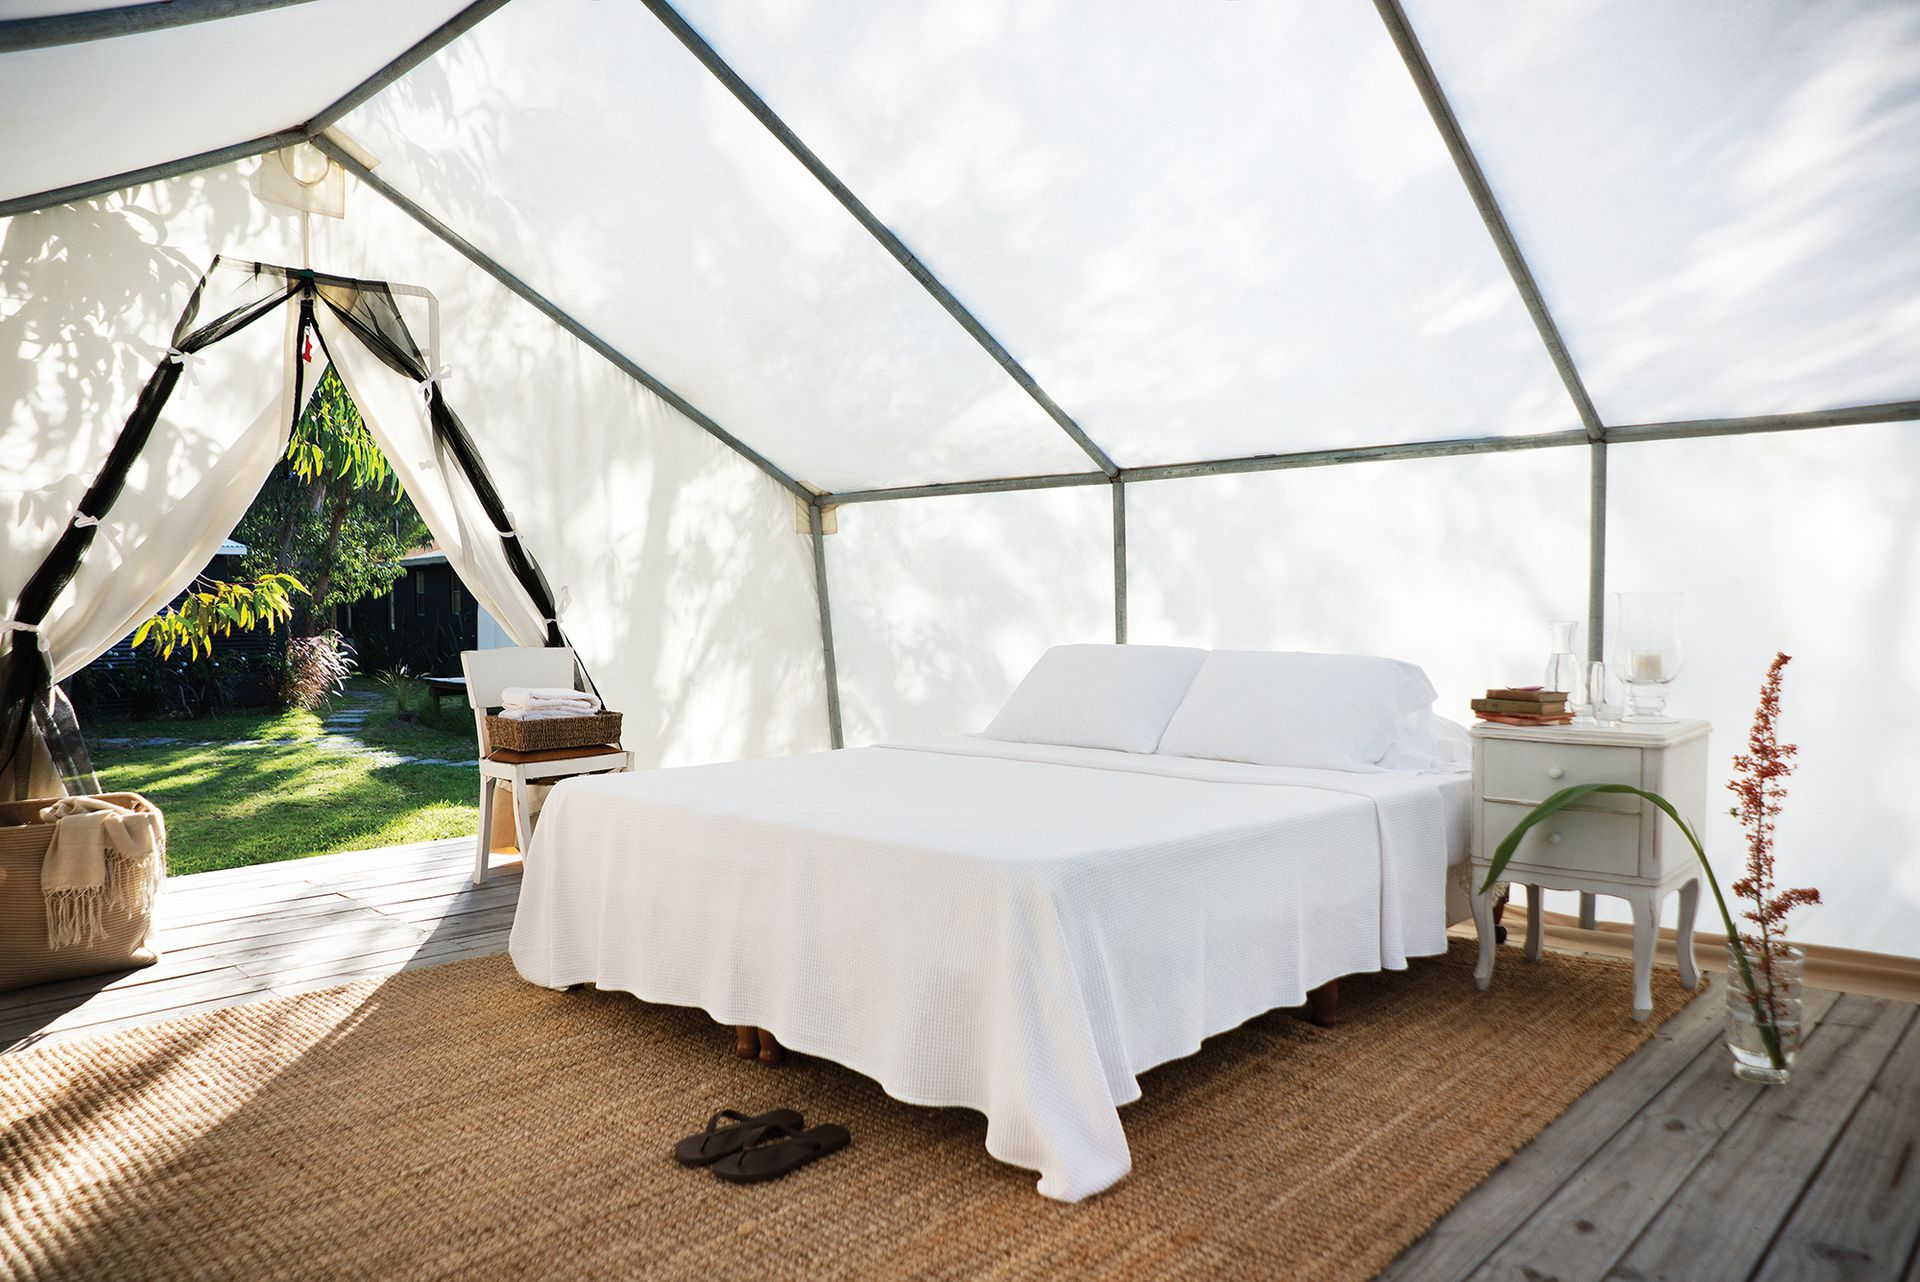 Las carpas cuentan con grandes camas matrimoniales